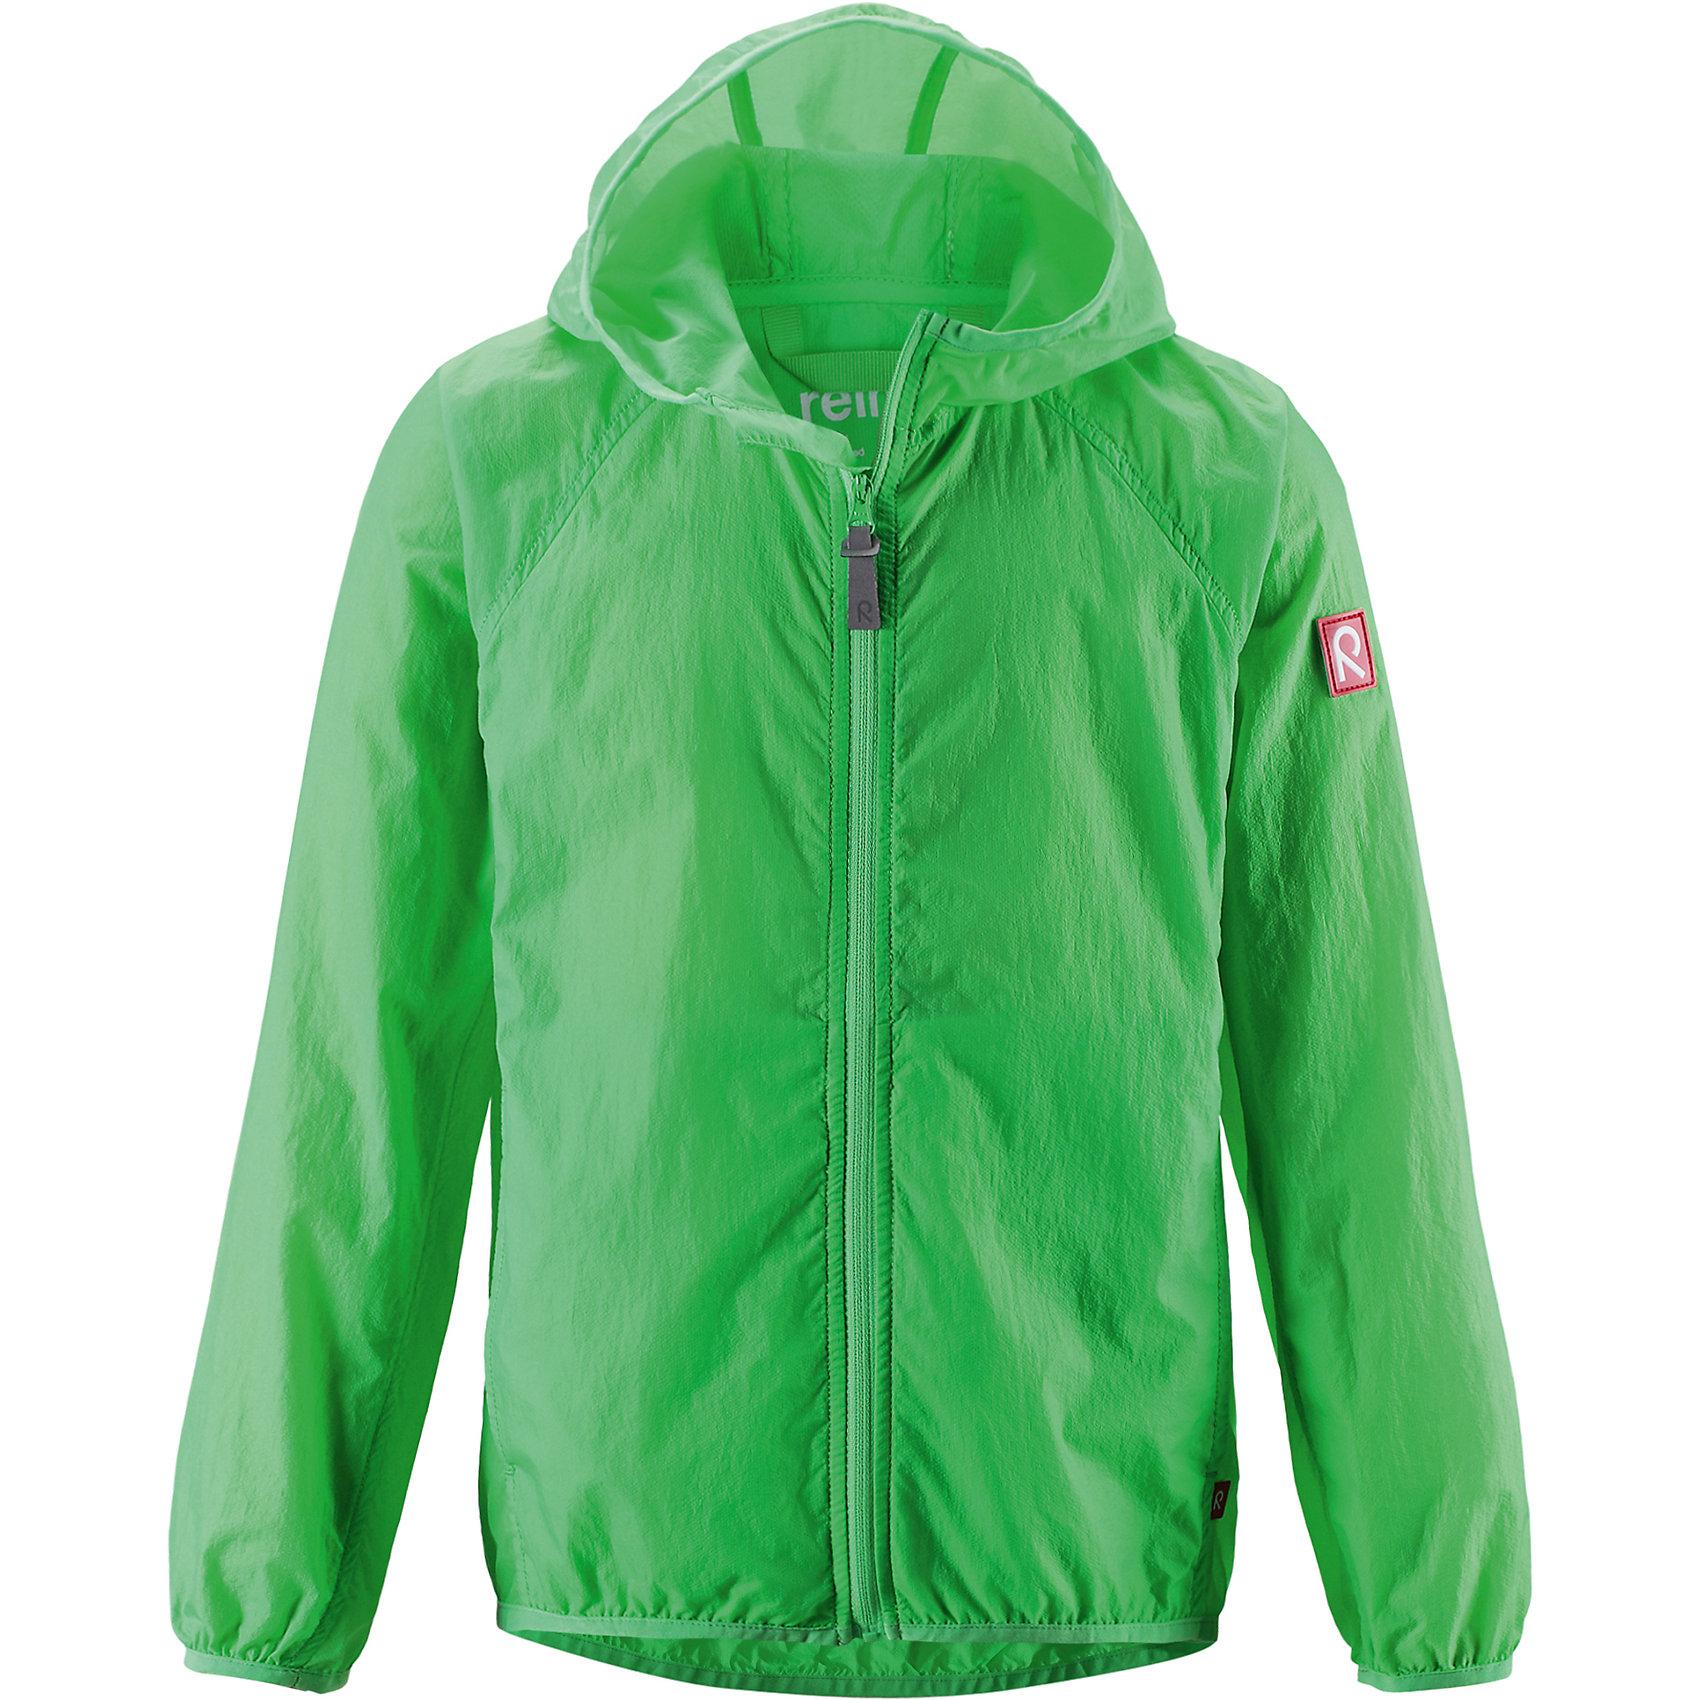 Куртка Saguenay для мальчика ReimaХарактеристики товара:<br><br>• цвет: зеленый<br>• состав: 100% полиамид<br>• температурный режим: от +15°до +5°С<br>• сезон: весна-лето<br>• без утеплителя<br>• застежка: молния<br>• эластичные манжеты<br>• капюшон<br>• карманы<br>• логотип<br>• комфортная посадка<br>• страна производства: Китай<br>• страна бренда: Финляндия<br><br>Верхняя одежда для детей может быть модной и комфортной одновременно! Легкая куртка поможет обеспечить ребенку комфорт в прохладную погоду. Она отлично смотрится с различной одеждой и обувью. Изделие удобно сидит и модно выглядит. Стильный дизайн разрабатывался специально для детей.<br><br>Одежда и обувь от финского бренда Reima пользуется популярностью во многих странах. Эти изделия стильные, качественные и удобные. Для производства продукции используются только безопасные, проверенные материалы и фурнитура. Порадуйте ребенка модными и красивыми вещами от Reima! <br><br>Куртку Saguenay для мальчика от финского бренда Reima (Рейма) можно купить в нашем интернет-магазине.<br><br>Ширина мм: 356<br>Глубина мм: 10<br>Высота мм: 245<br>Вес г: 519<br>Цвет: зеленый<br>Возраст от месяцев: 108<br>Возраст до месяцев: 120<br>Пол: Унисекс<br>Возраст: Детский<br>Размер: 140,146,104,116,122,152,128,134<br>SKU: 5415466